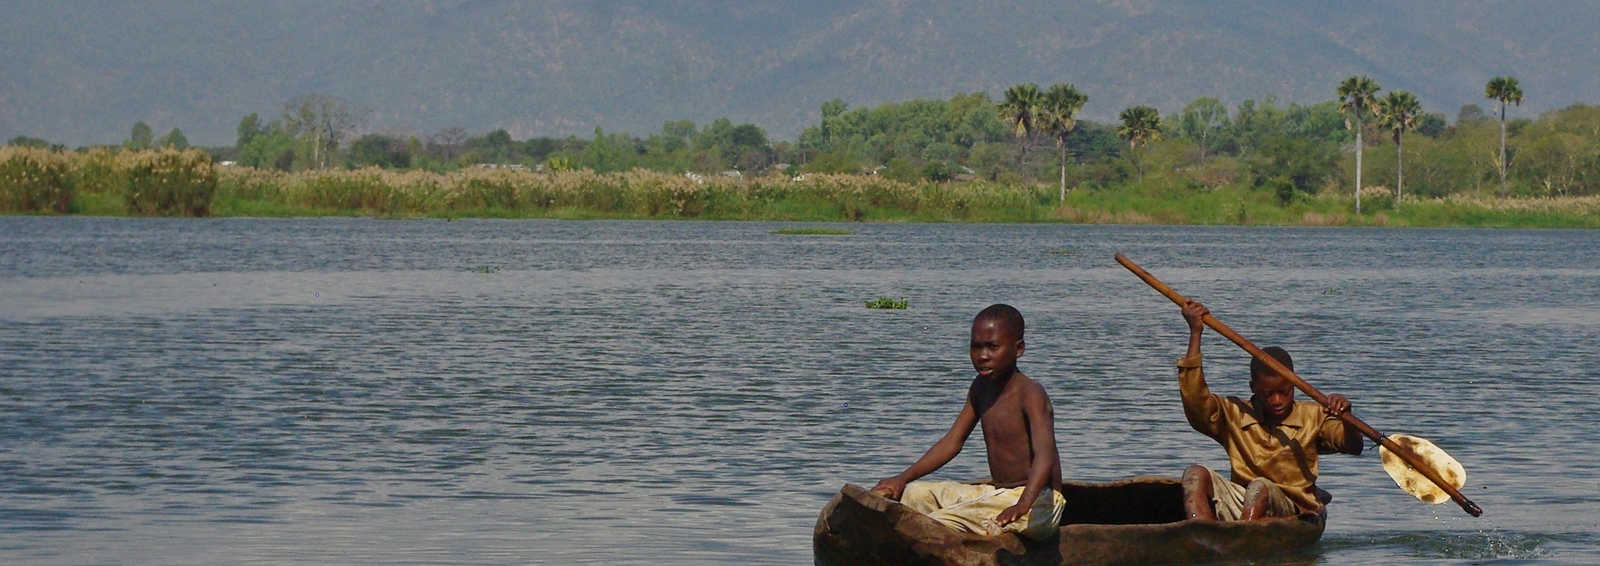 Liwonde River, Malawi